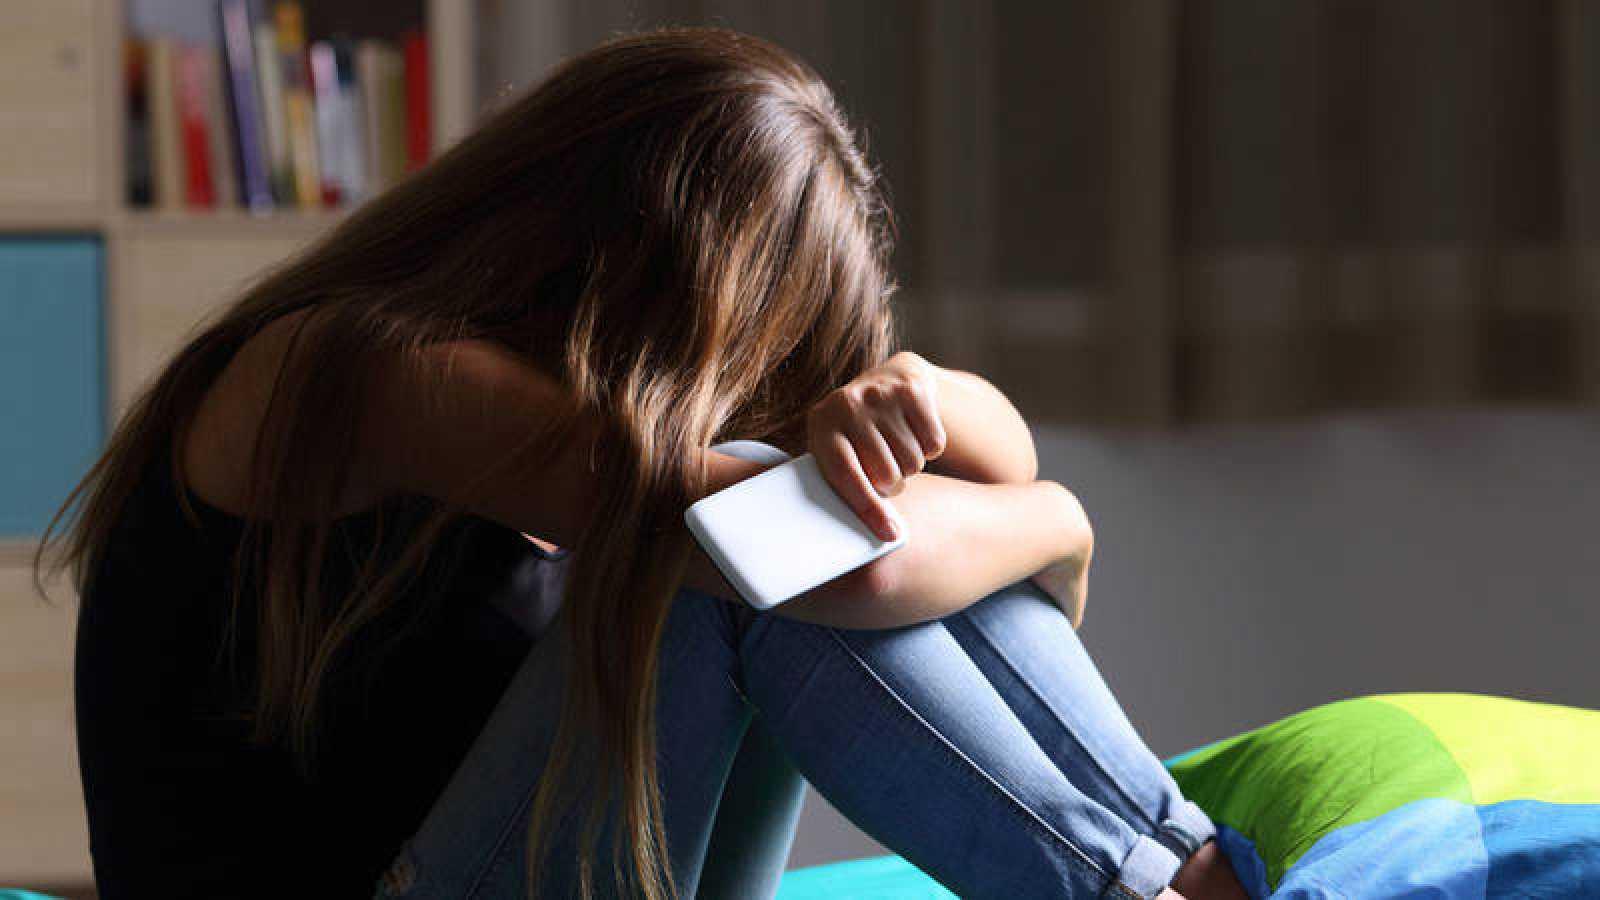 El acoso a través de las redes sociales representa uno de cada cuatro casos de 'bullying', según la Fundación Anar